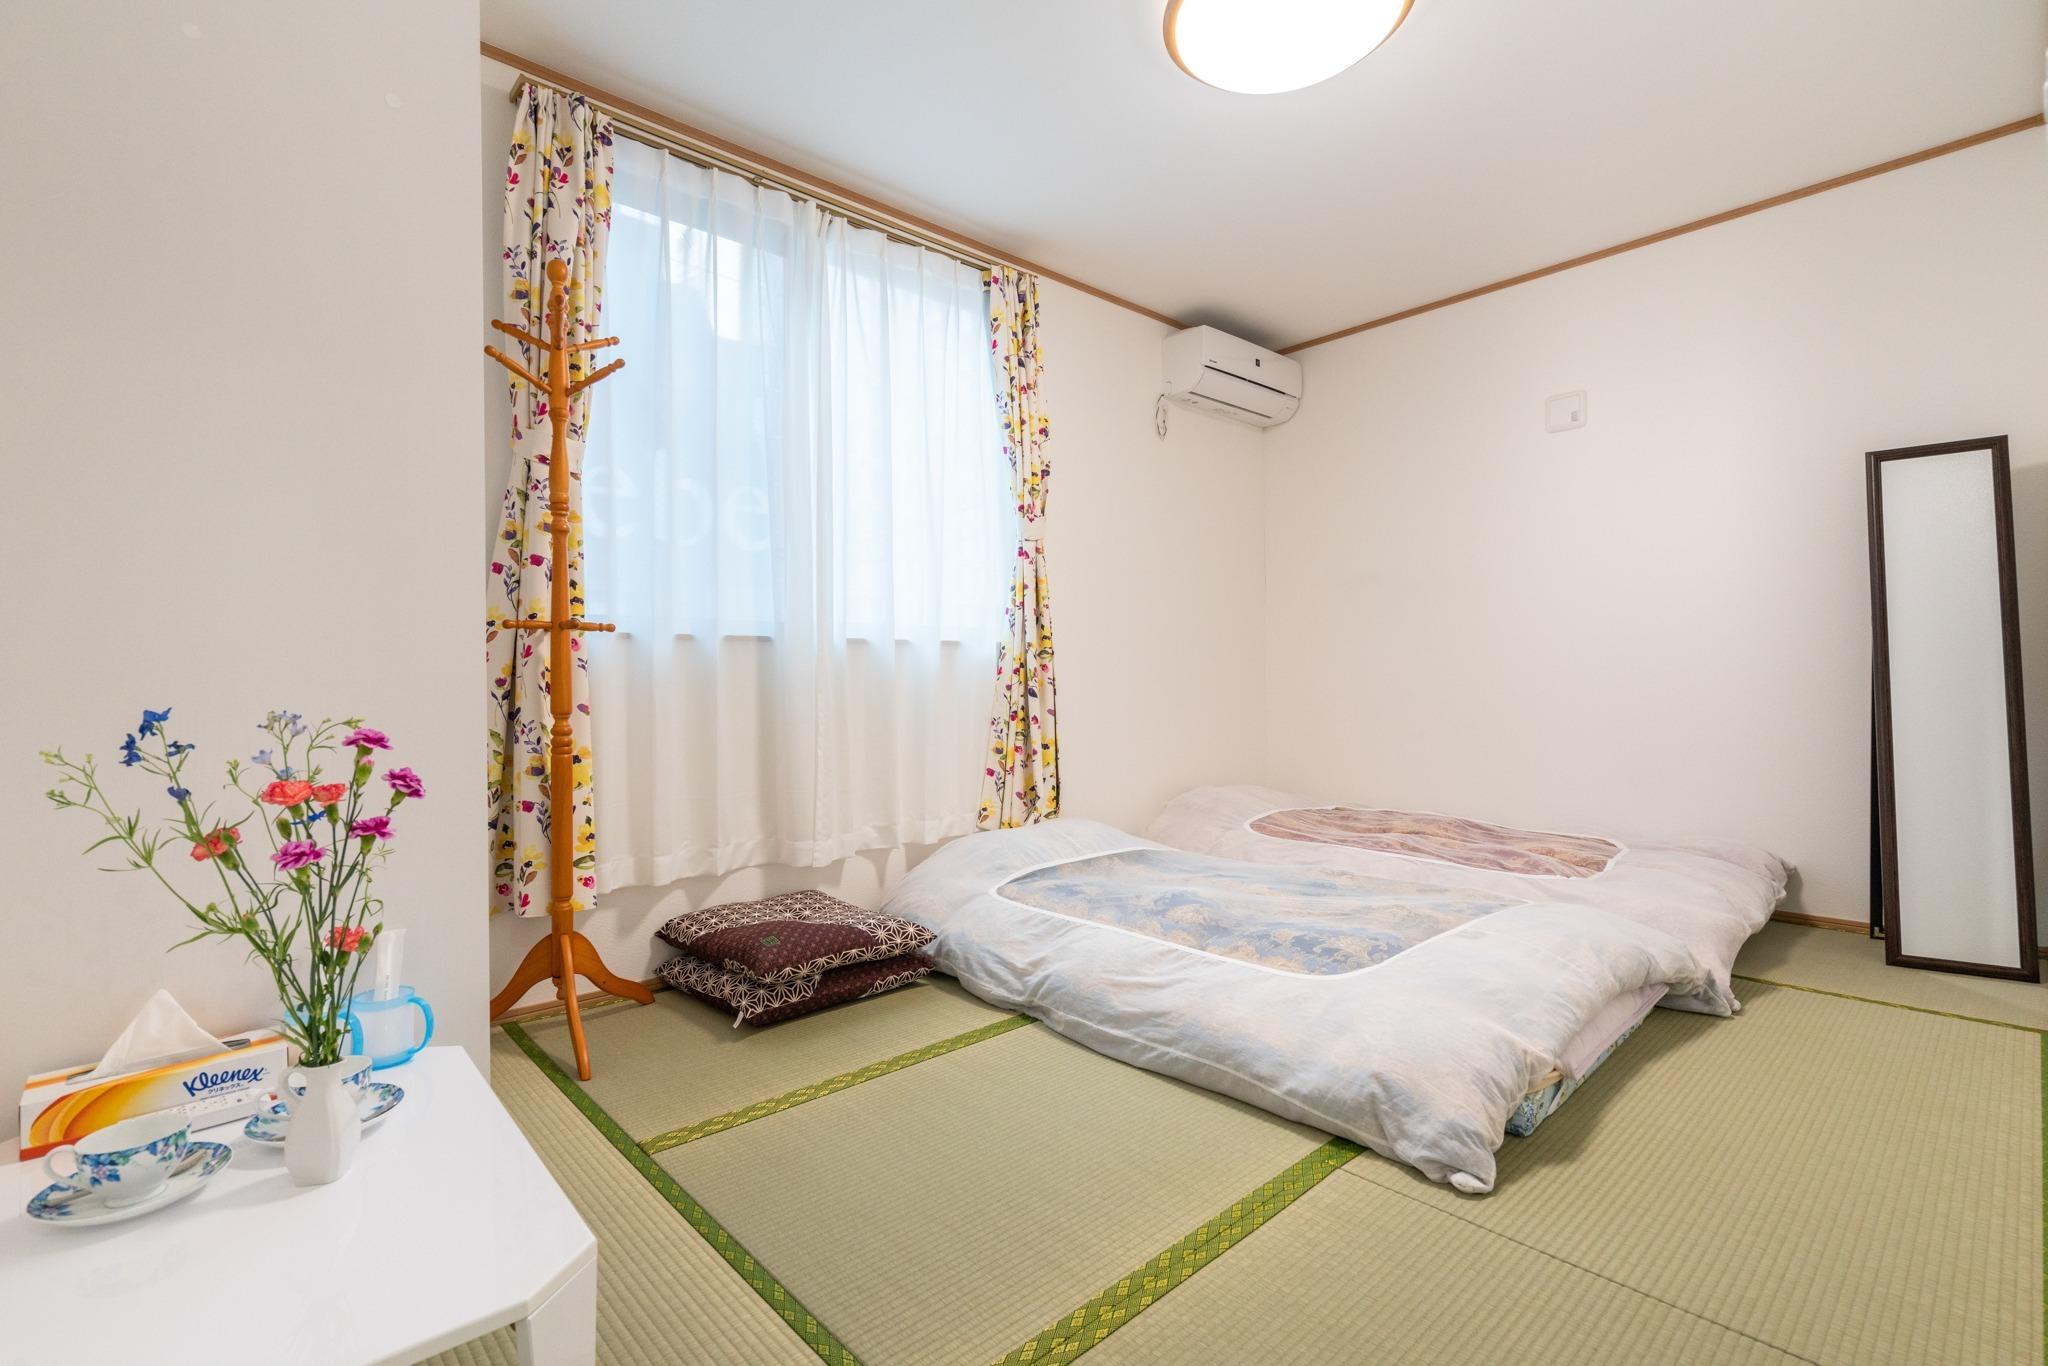 301号室/新築高級住宅/JR線徒歩2分/無料高速Wi-Fi/池袋17分新宿27分